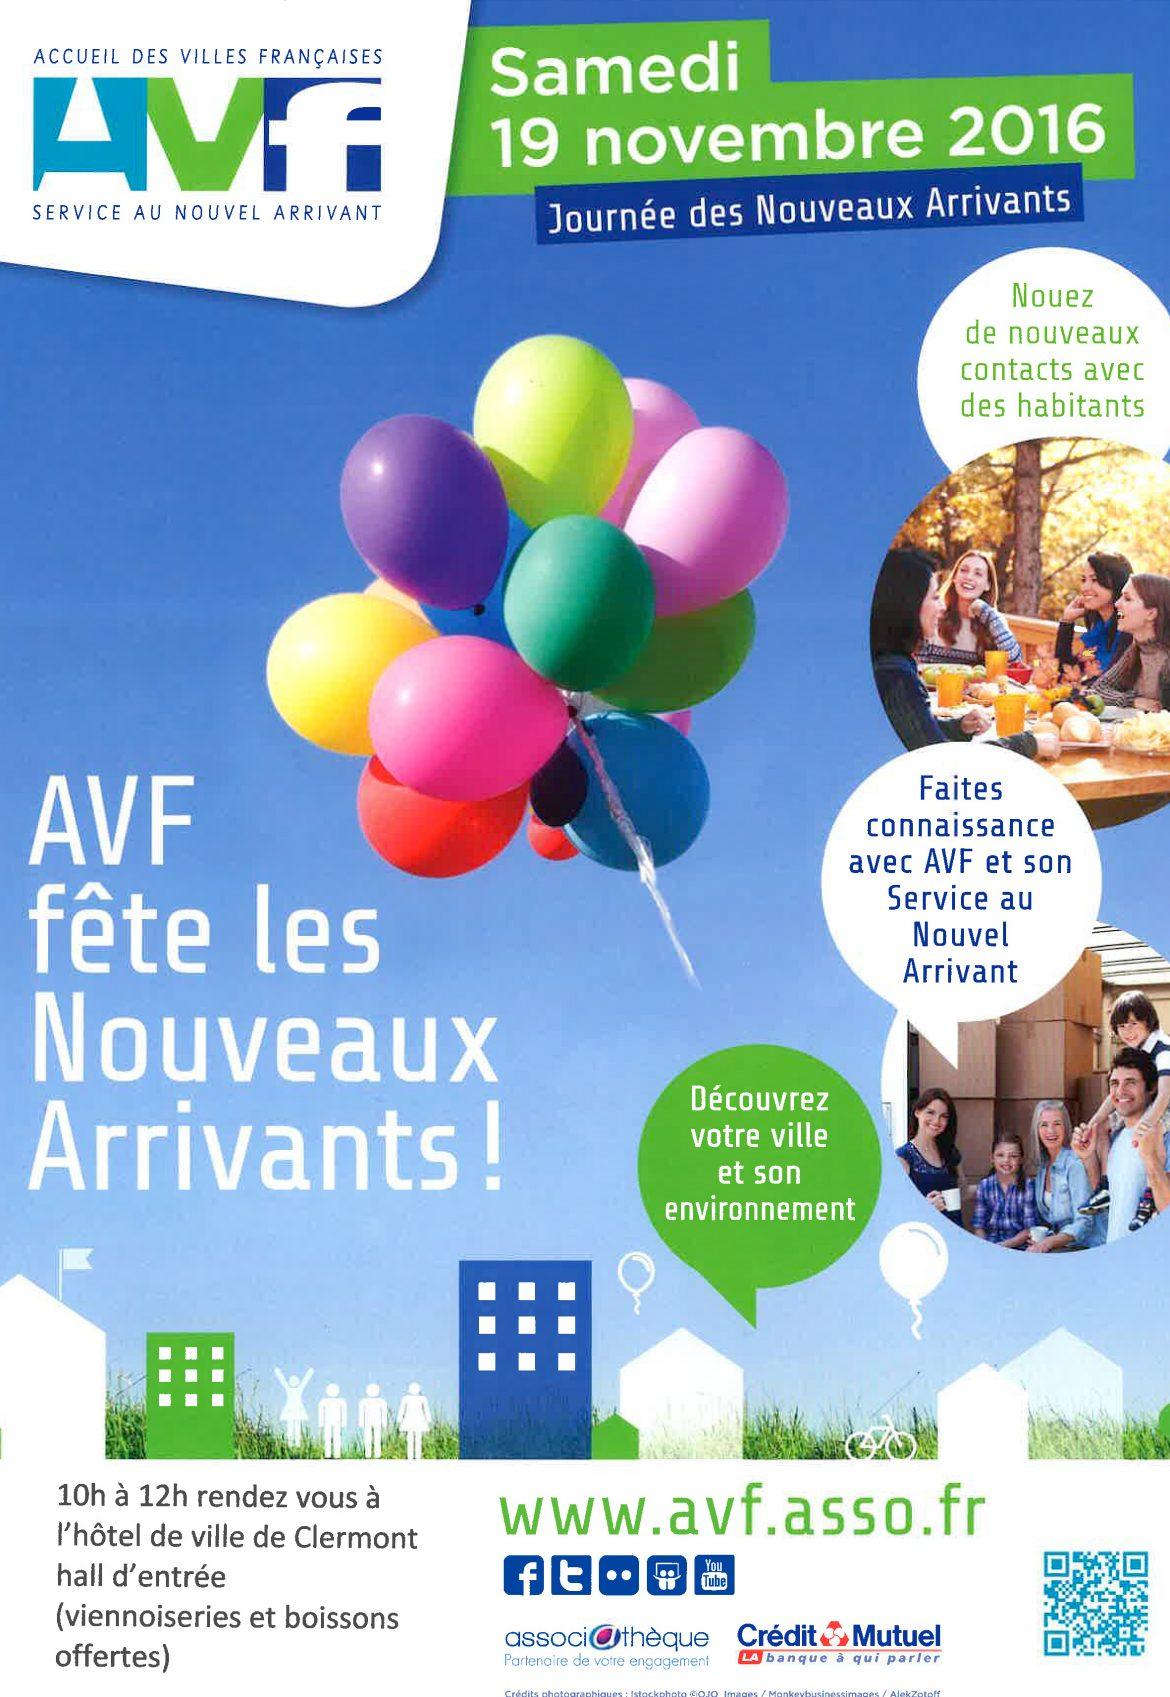 AVF, Accueil des Villes Françaises, Clermont, Oise, Hôtel de Ville, Nouveaux Arrivants